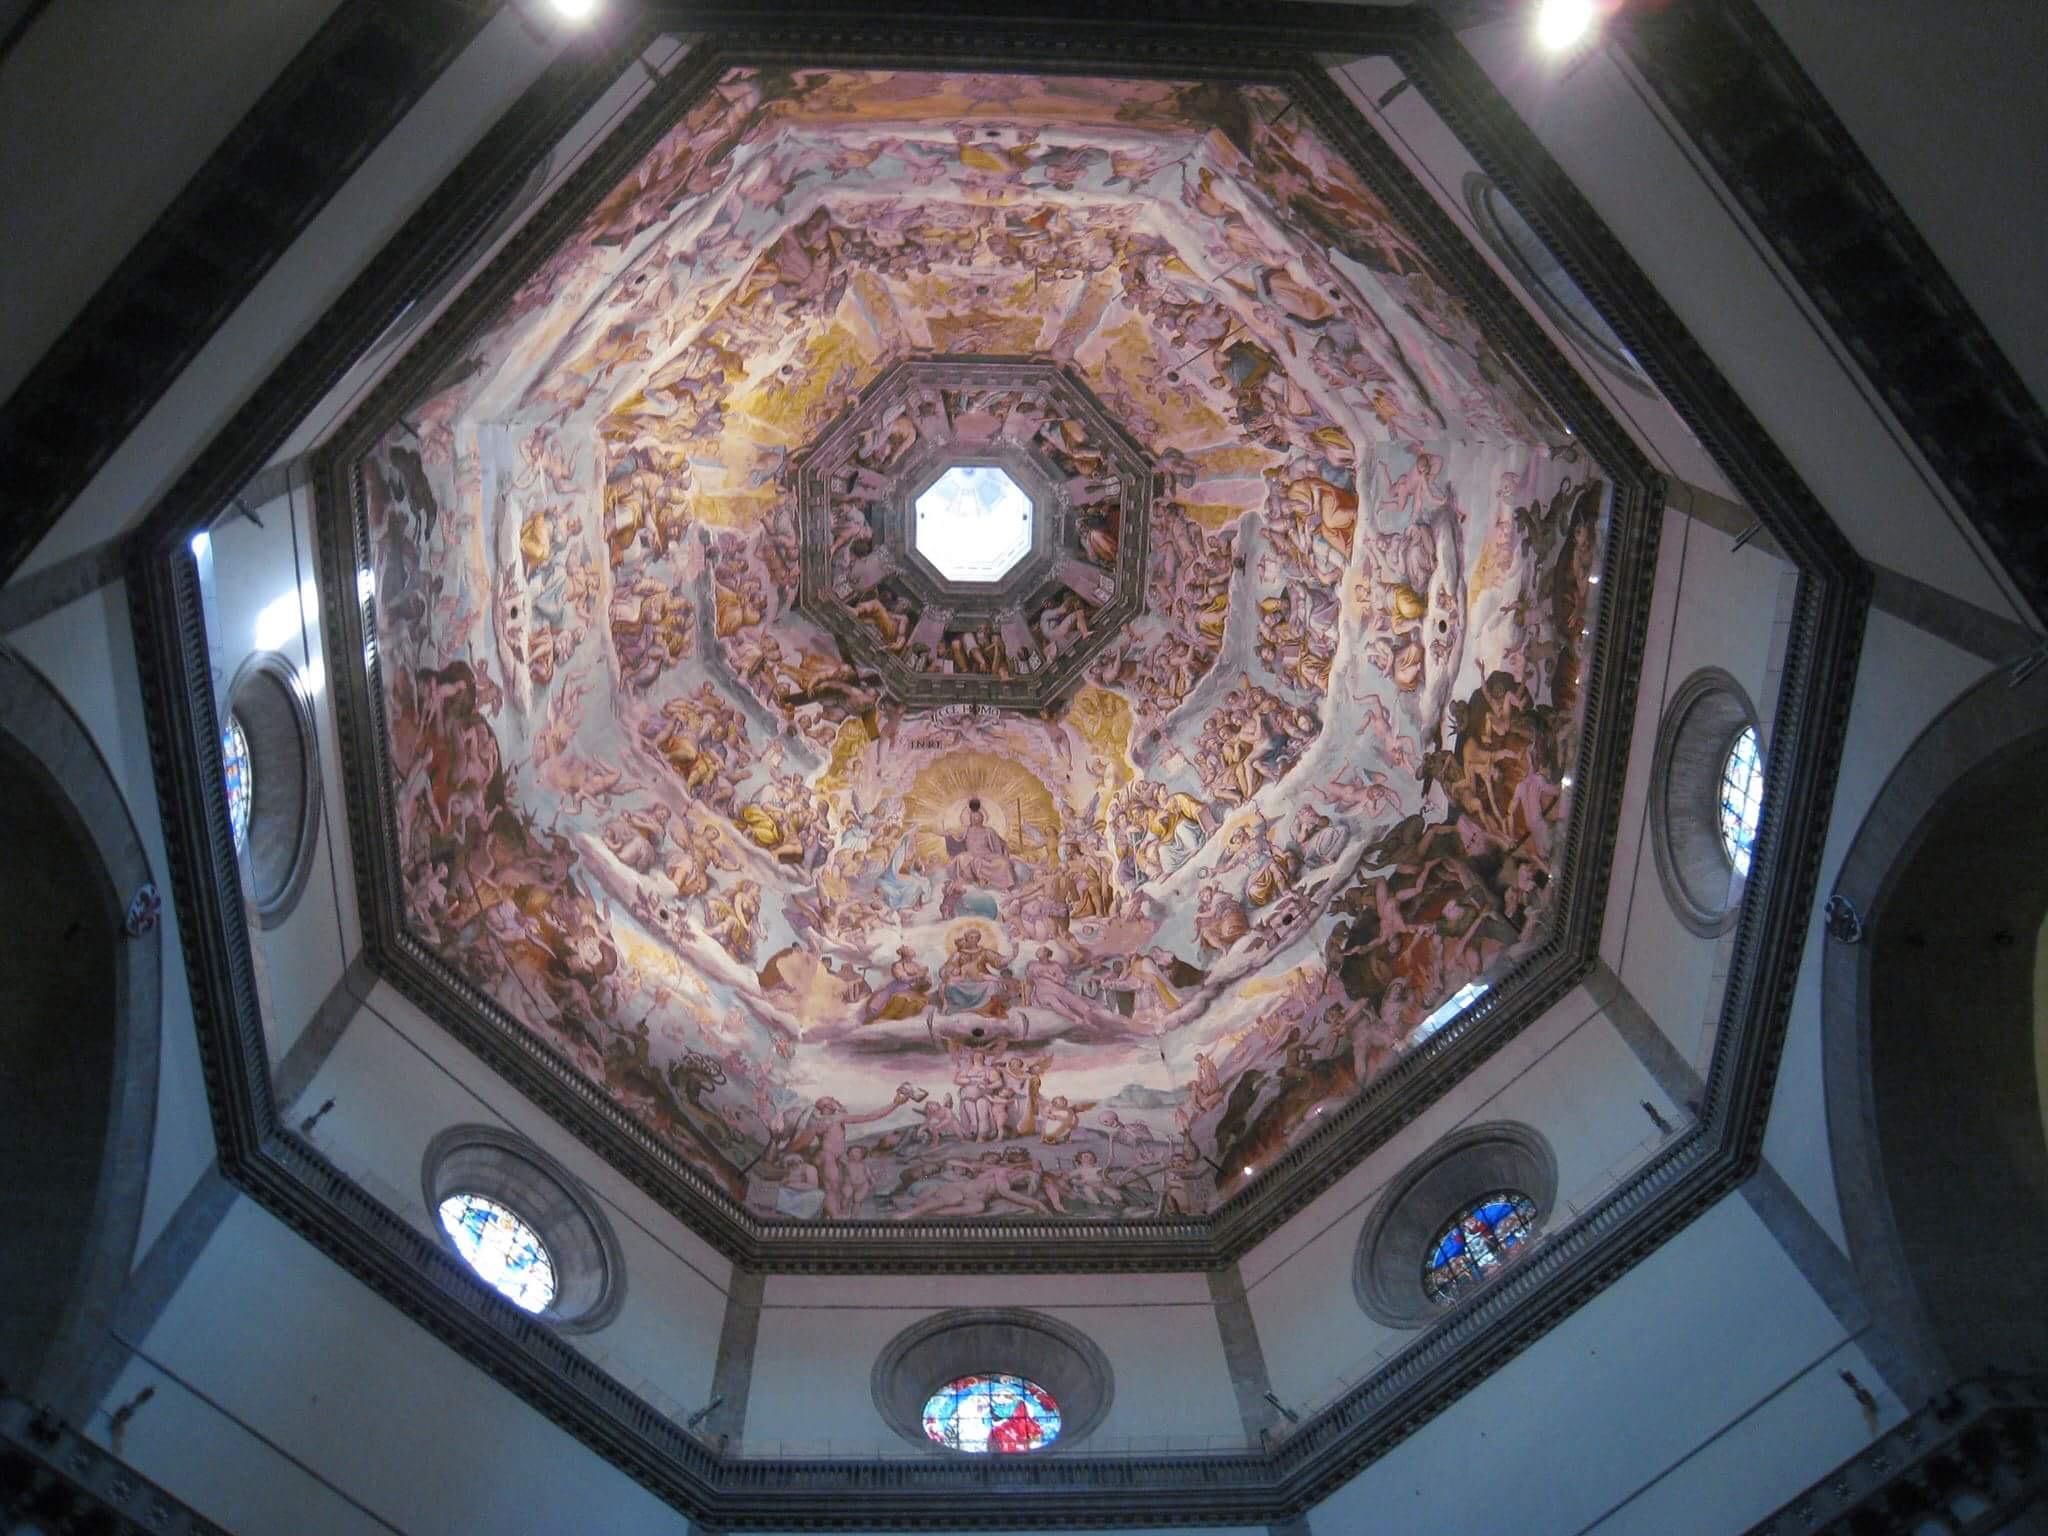 Роспись купола Собора, имещего 42 метра в диаметре и уходящего ввысь на 90 метров.